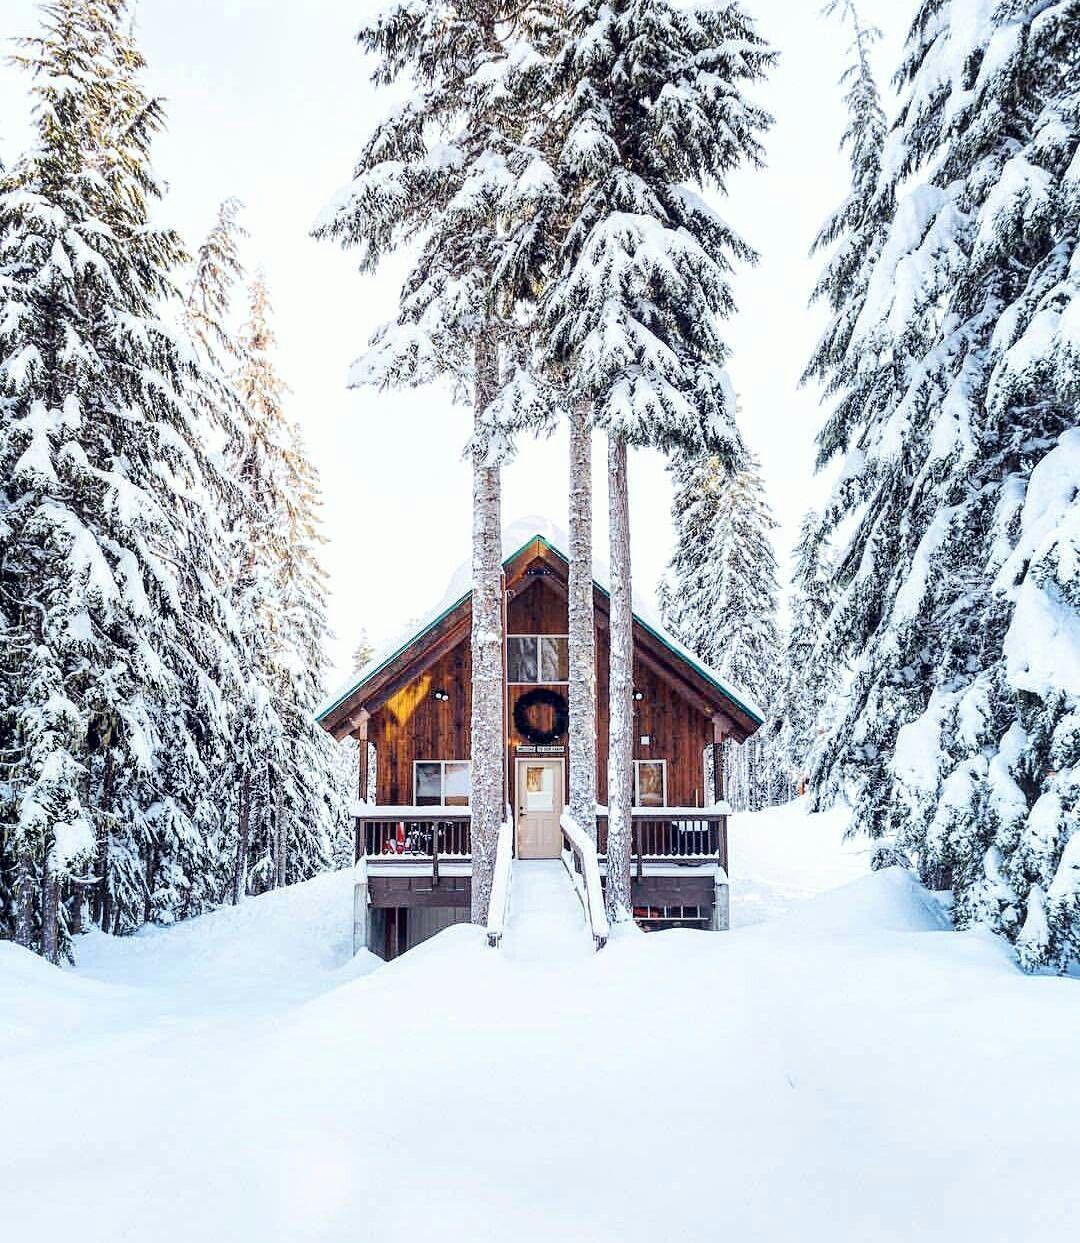 Pin von Amel Kulic auf plan   Pinterest   Schnee, Winter schnee und ...